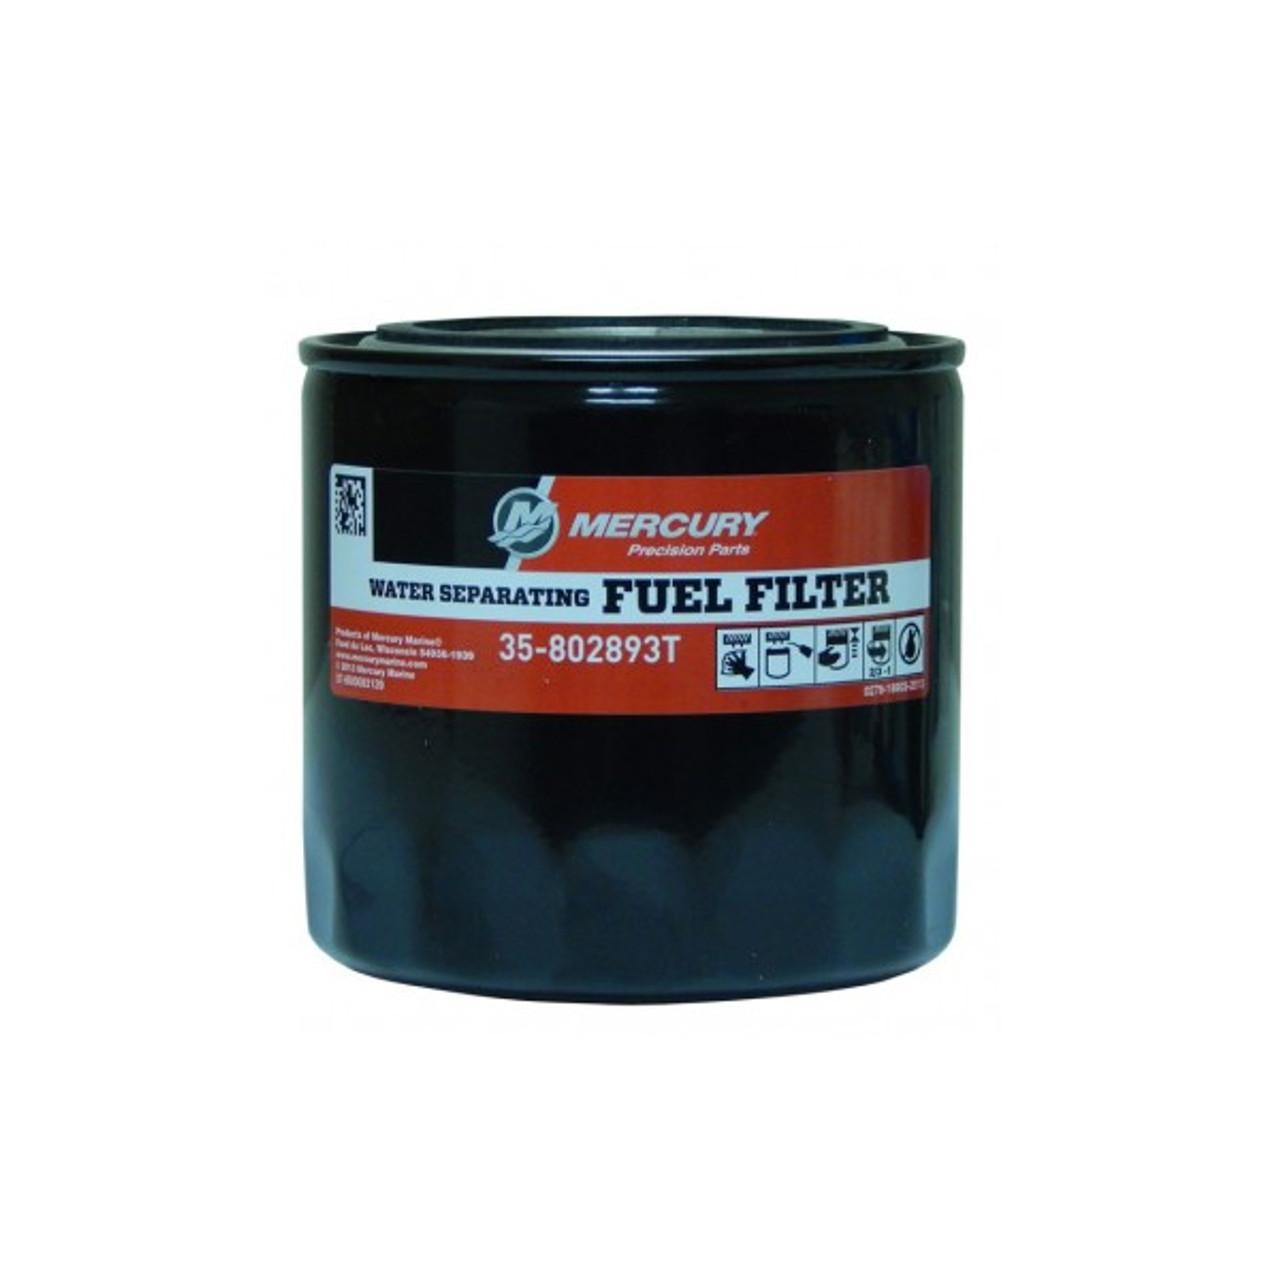 [DIAGRAM_38YU]  Mercury 35-802893T Water Separating Fuel Filter | Waterproof Fuel Filter |  | Wholesale Marine